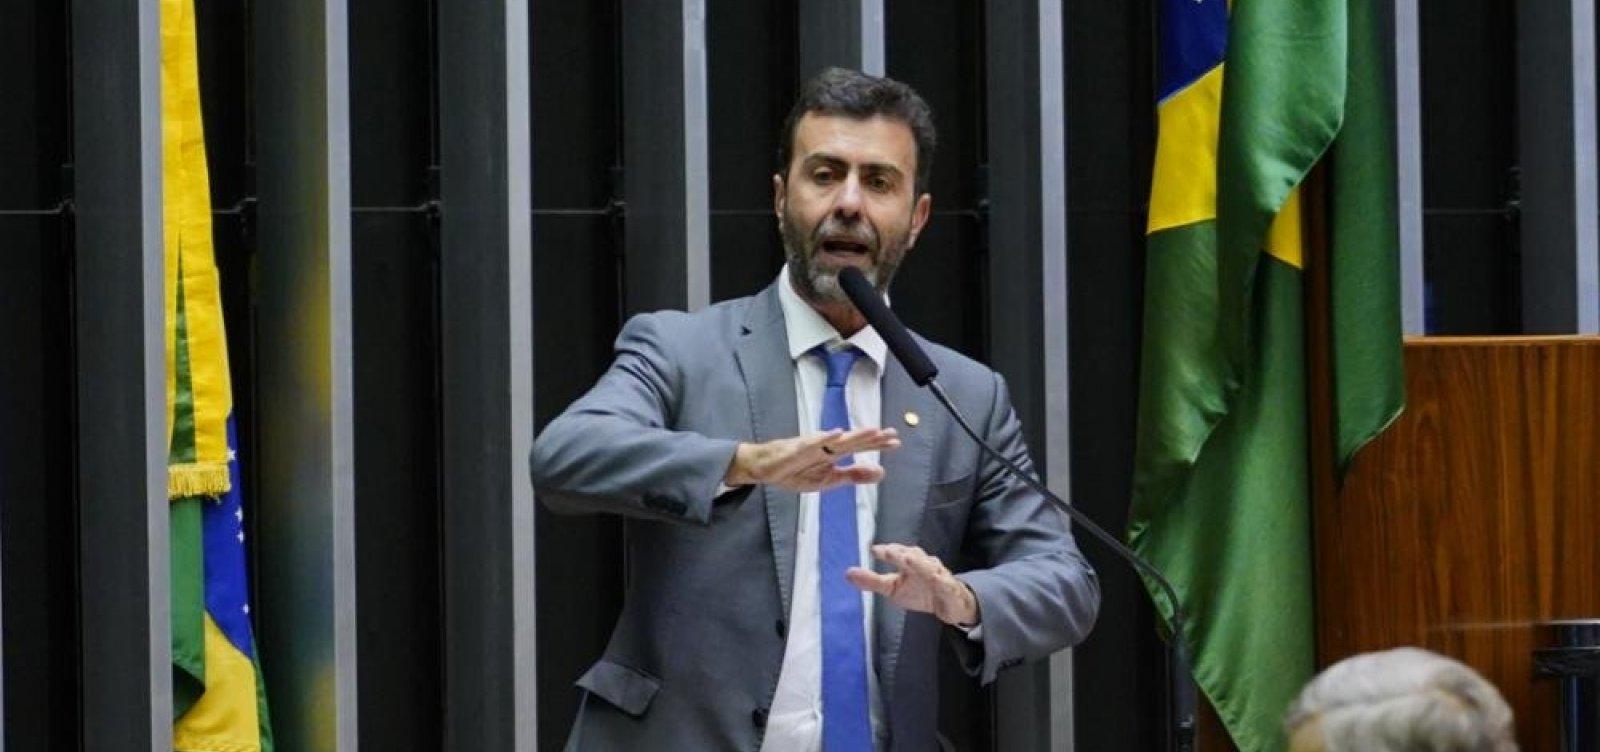 Bancada do PSOL pede investigação de Bolsonaro no caso Marielle